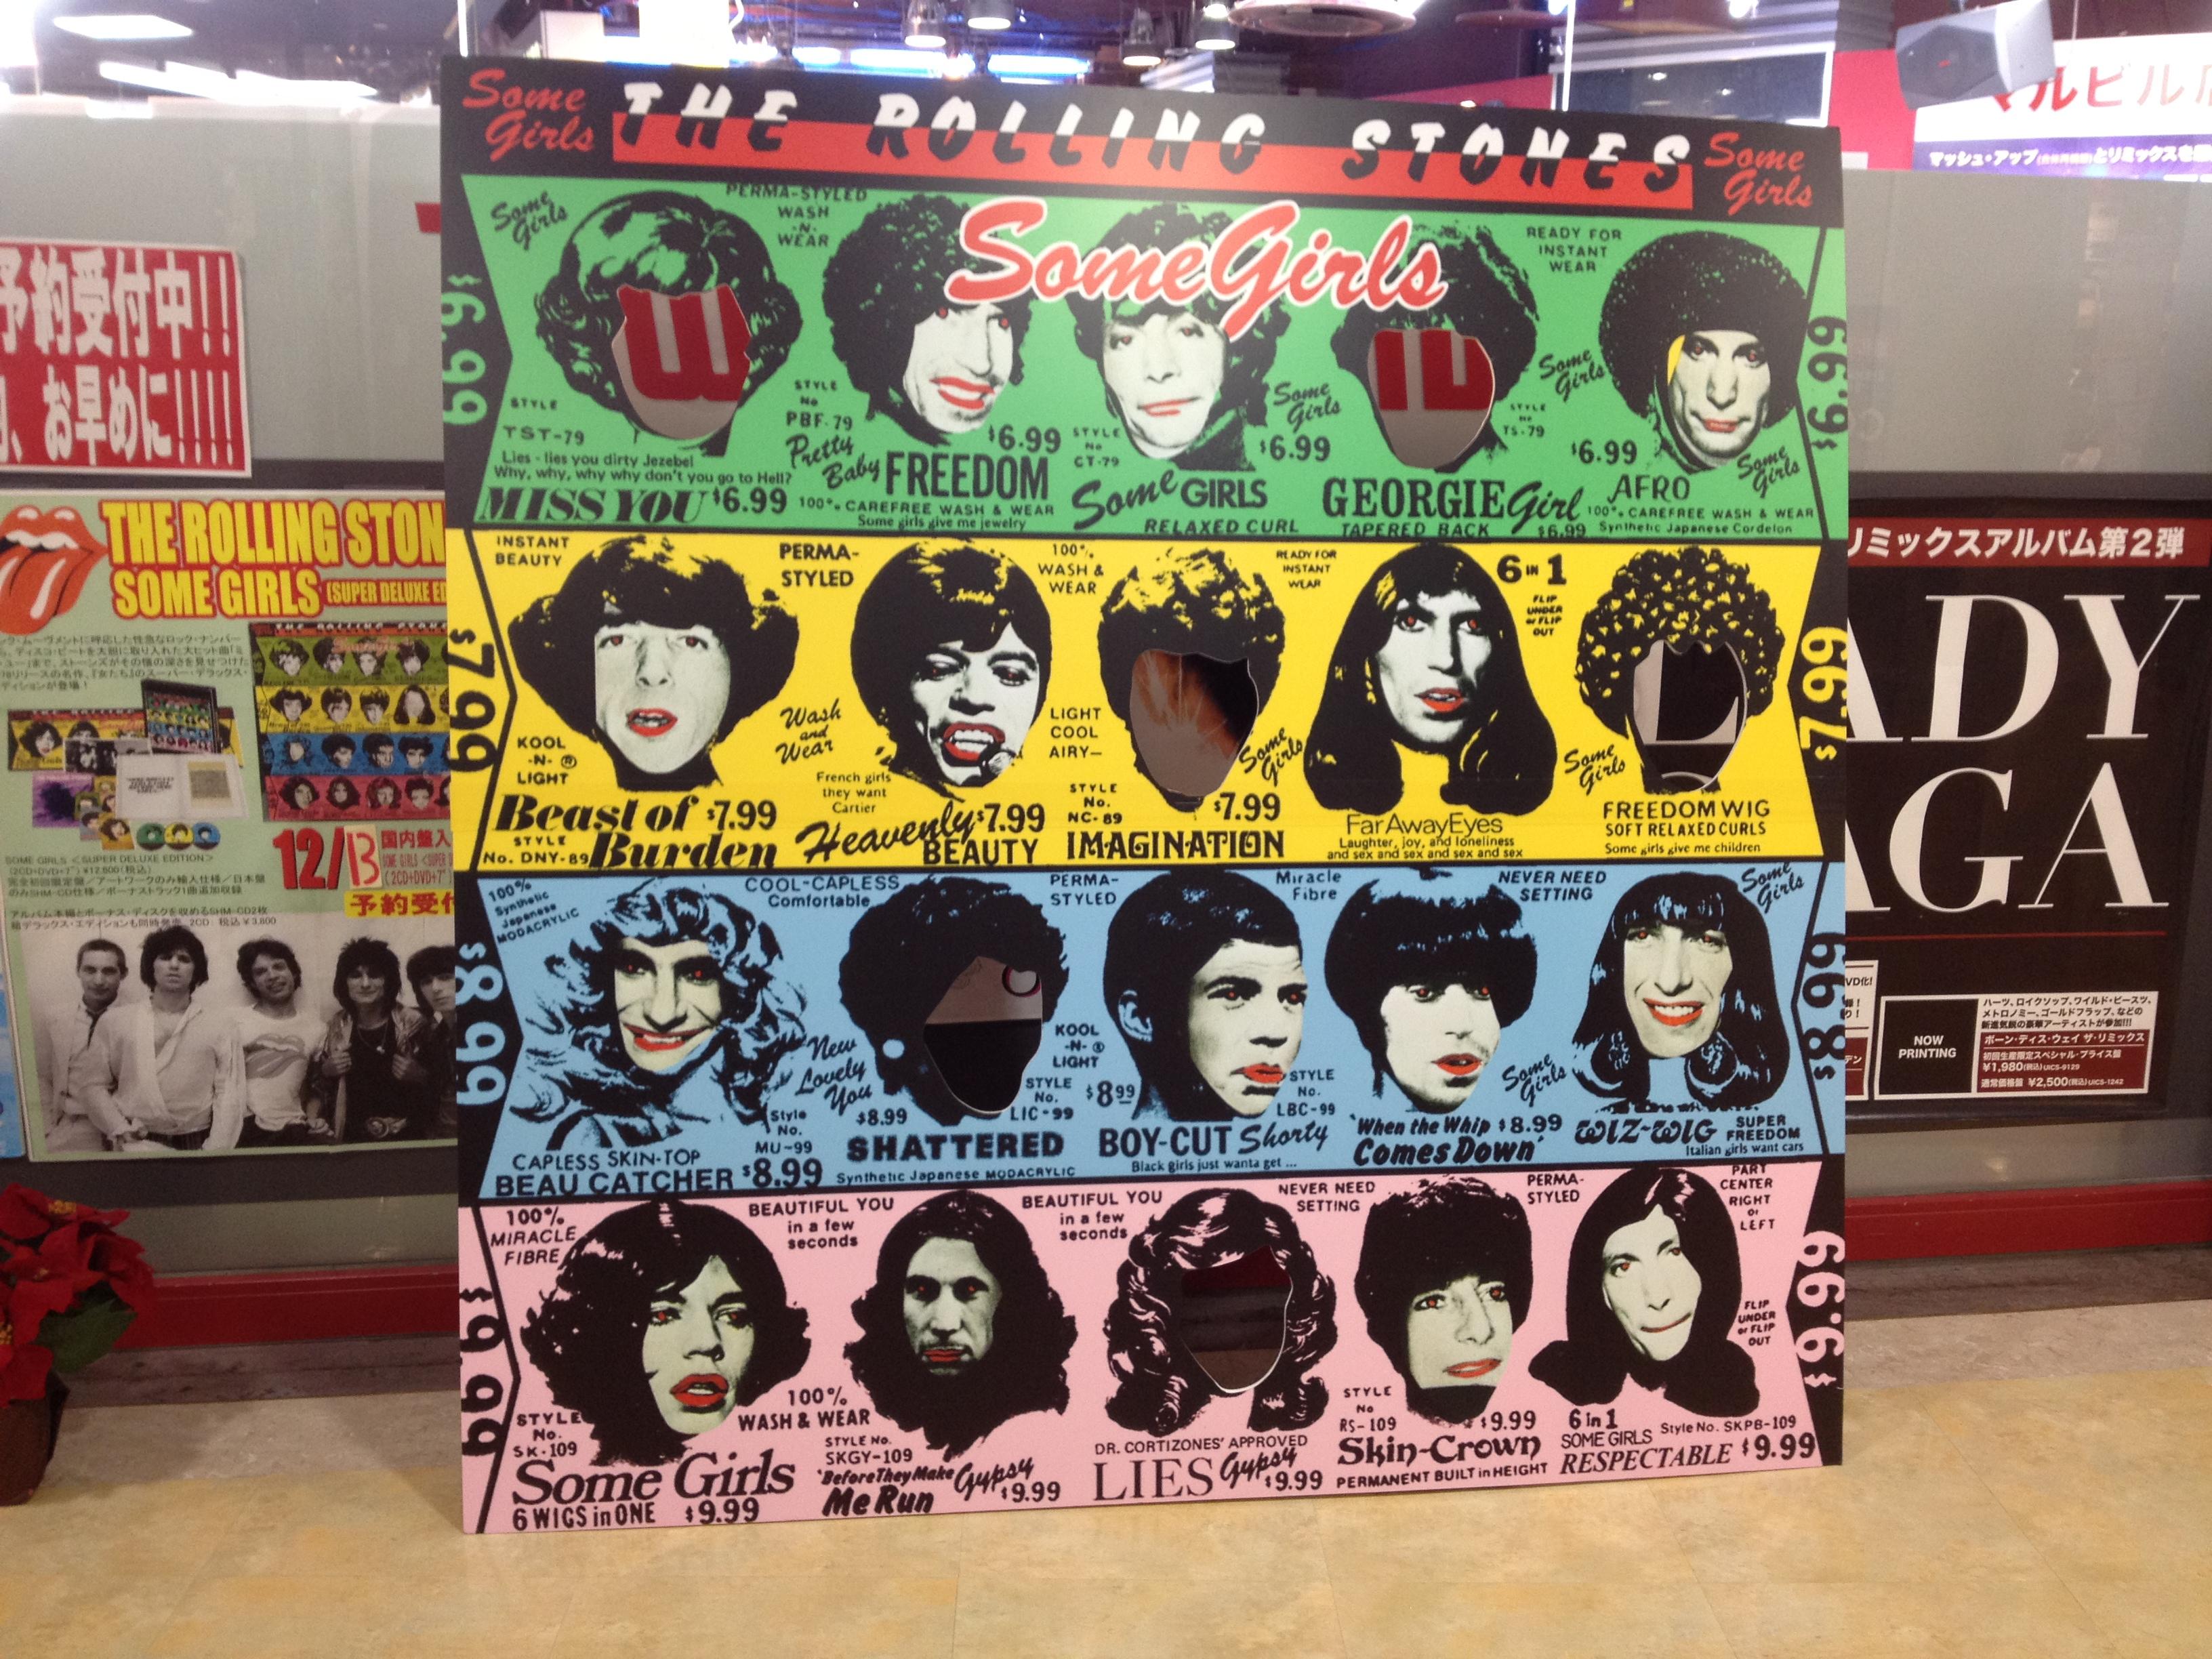 初版LPレコードでは実際の顔を肖像権無視して無断で使い、大騒ぎになった(笑)